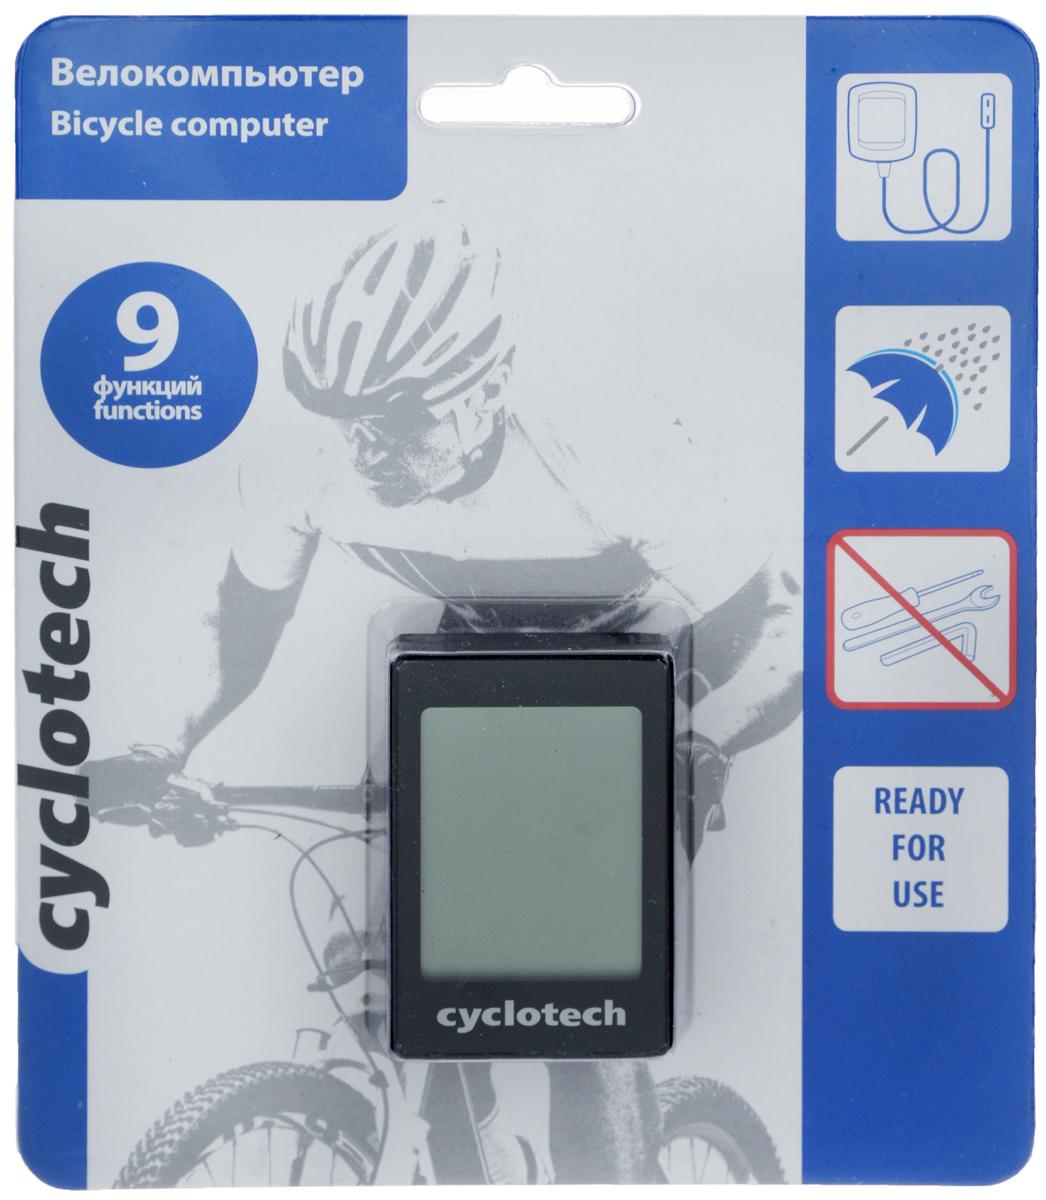 Велокомпьютер Cyclotech, 9 функцийCBC-I9BLNПроводной велокомпьютер Cyclotech оснащен девятью функциями и предназначен для использования при занятиях велоспортом. Это удобный и простой в использовании электронный прибор, предоставляющий велосипедисту всю необходимую информацию о поездке. Велокомпьютер крепится на руле с возможностью мгновенно отсоединить его, когда нет желания оставлять на велосипеде без присмотра или под дождем. Функции: сравнение скоростей; текущий пробег; задание дистанций; память на два велосипеда; время в пути; часы; режим энергосбережения; автоматический старт измерений; возможность конвертации из миль в километры и обратно.